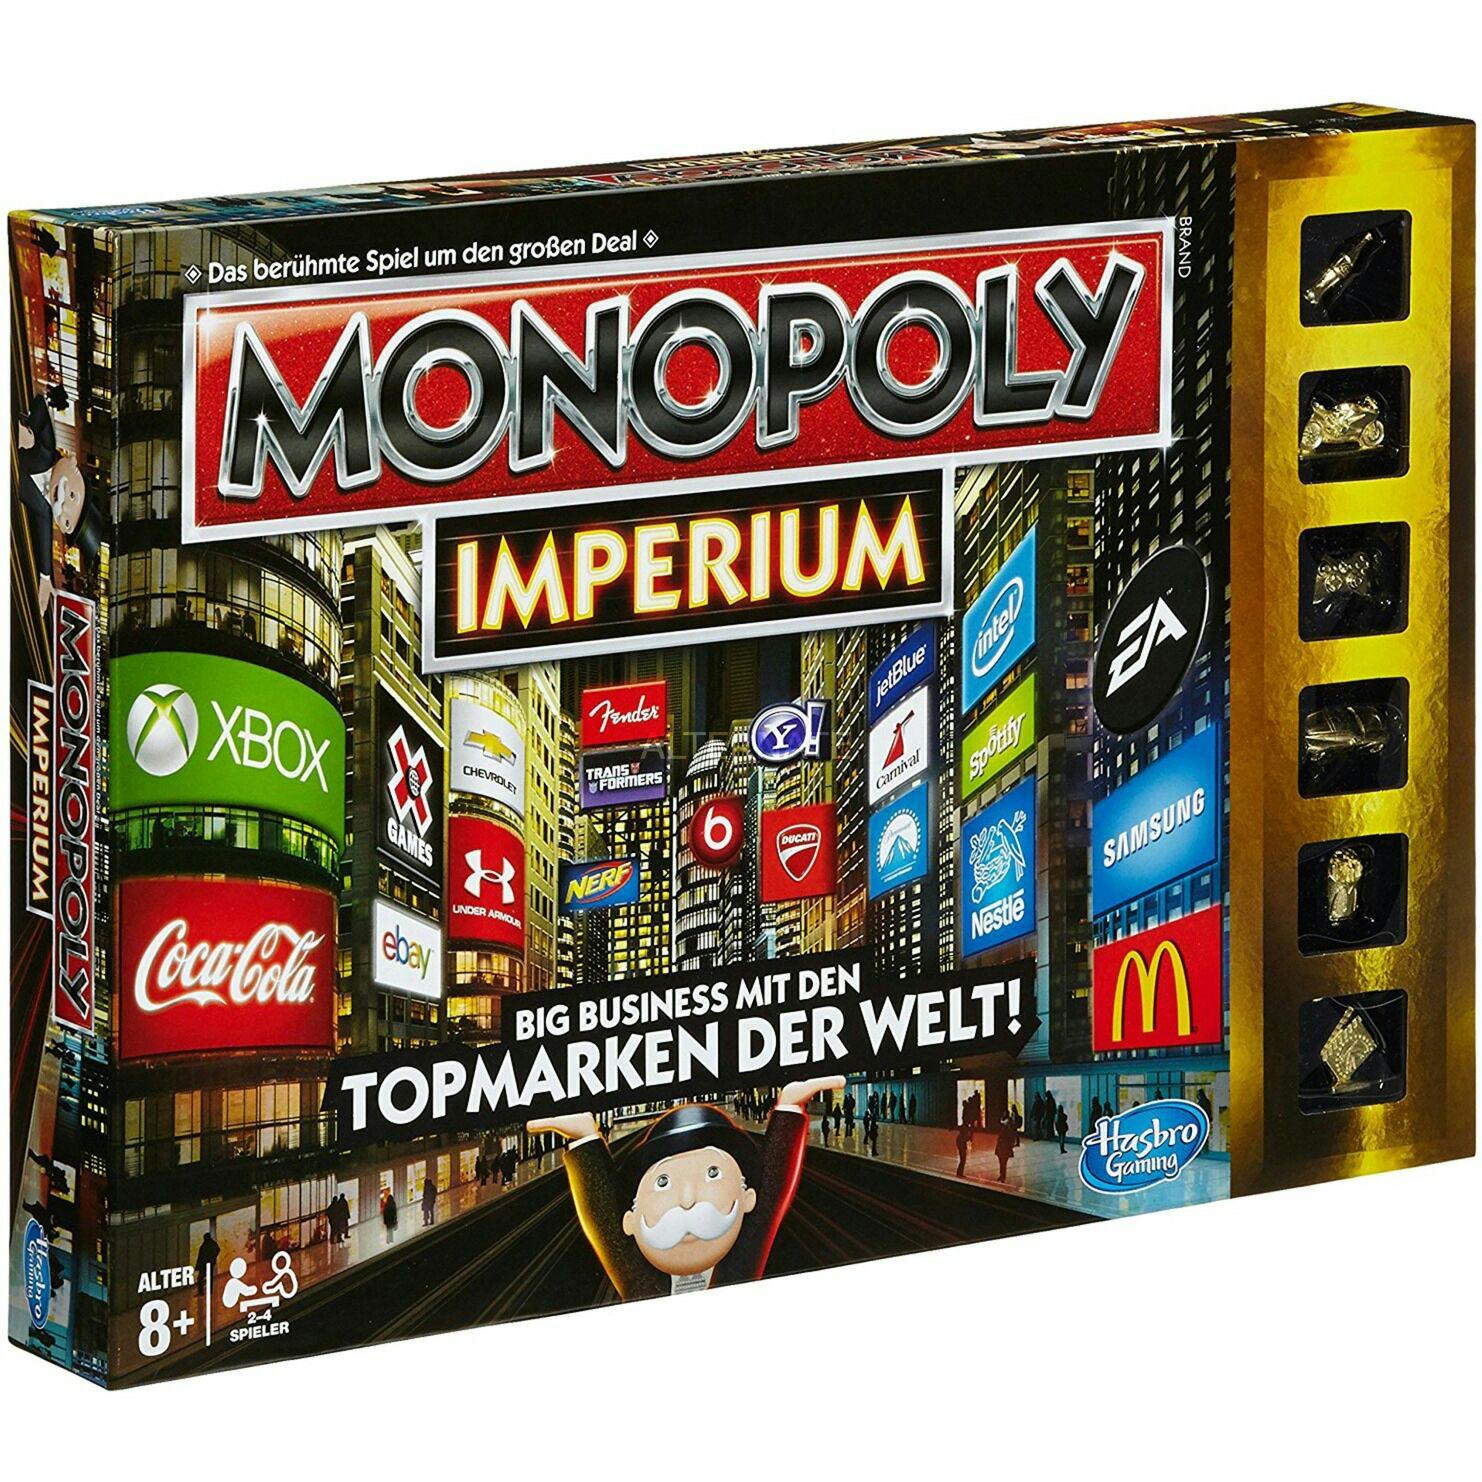 Monopoly Imperium für 9,99€ und 2,95€ Versand bei Alternate